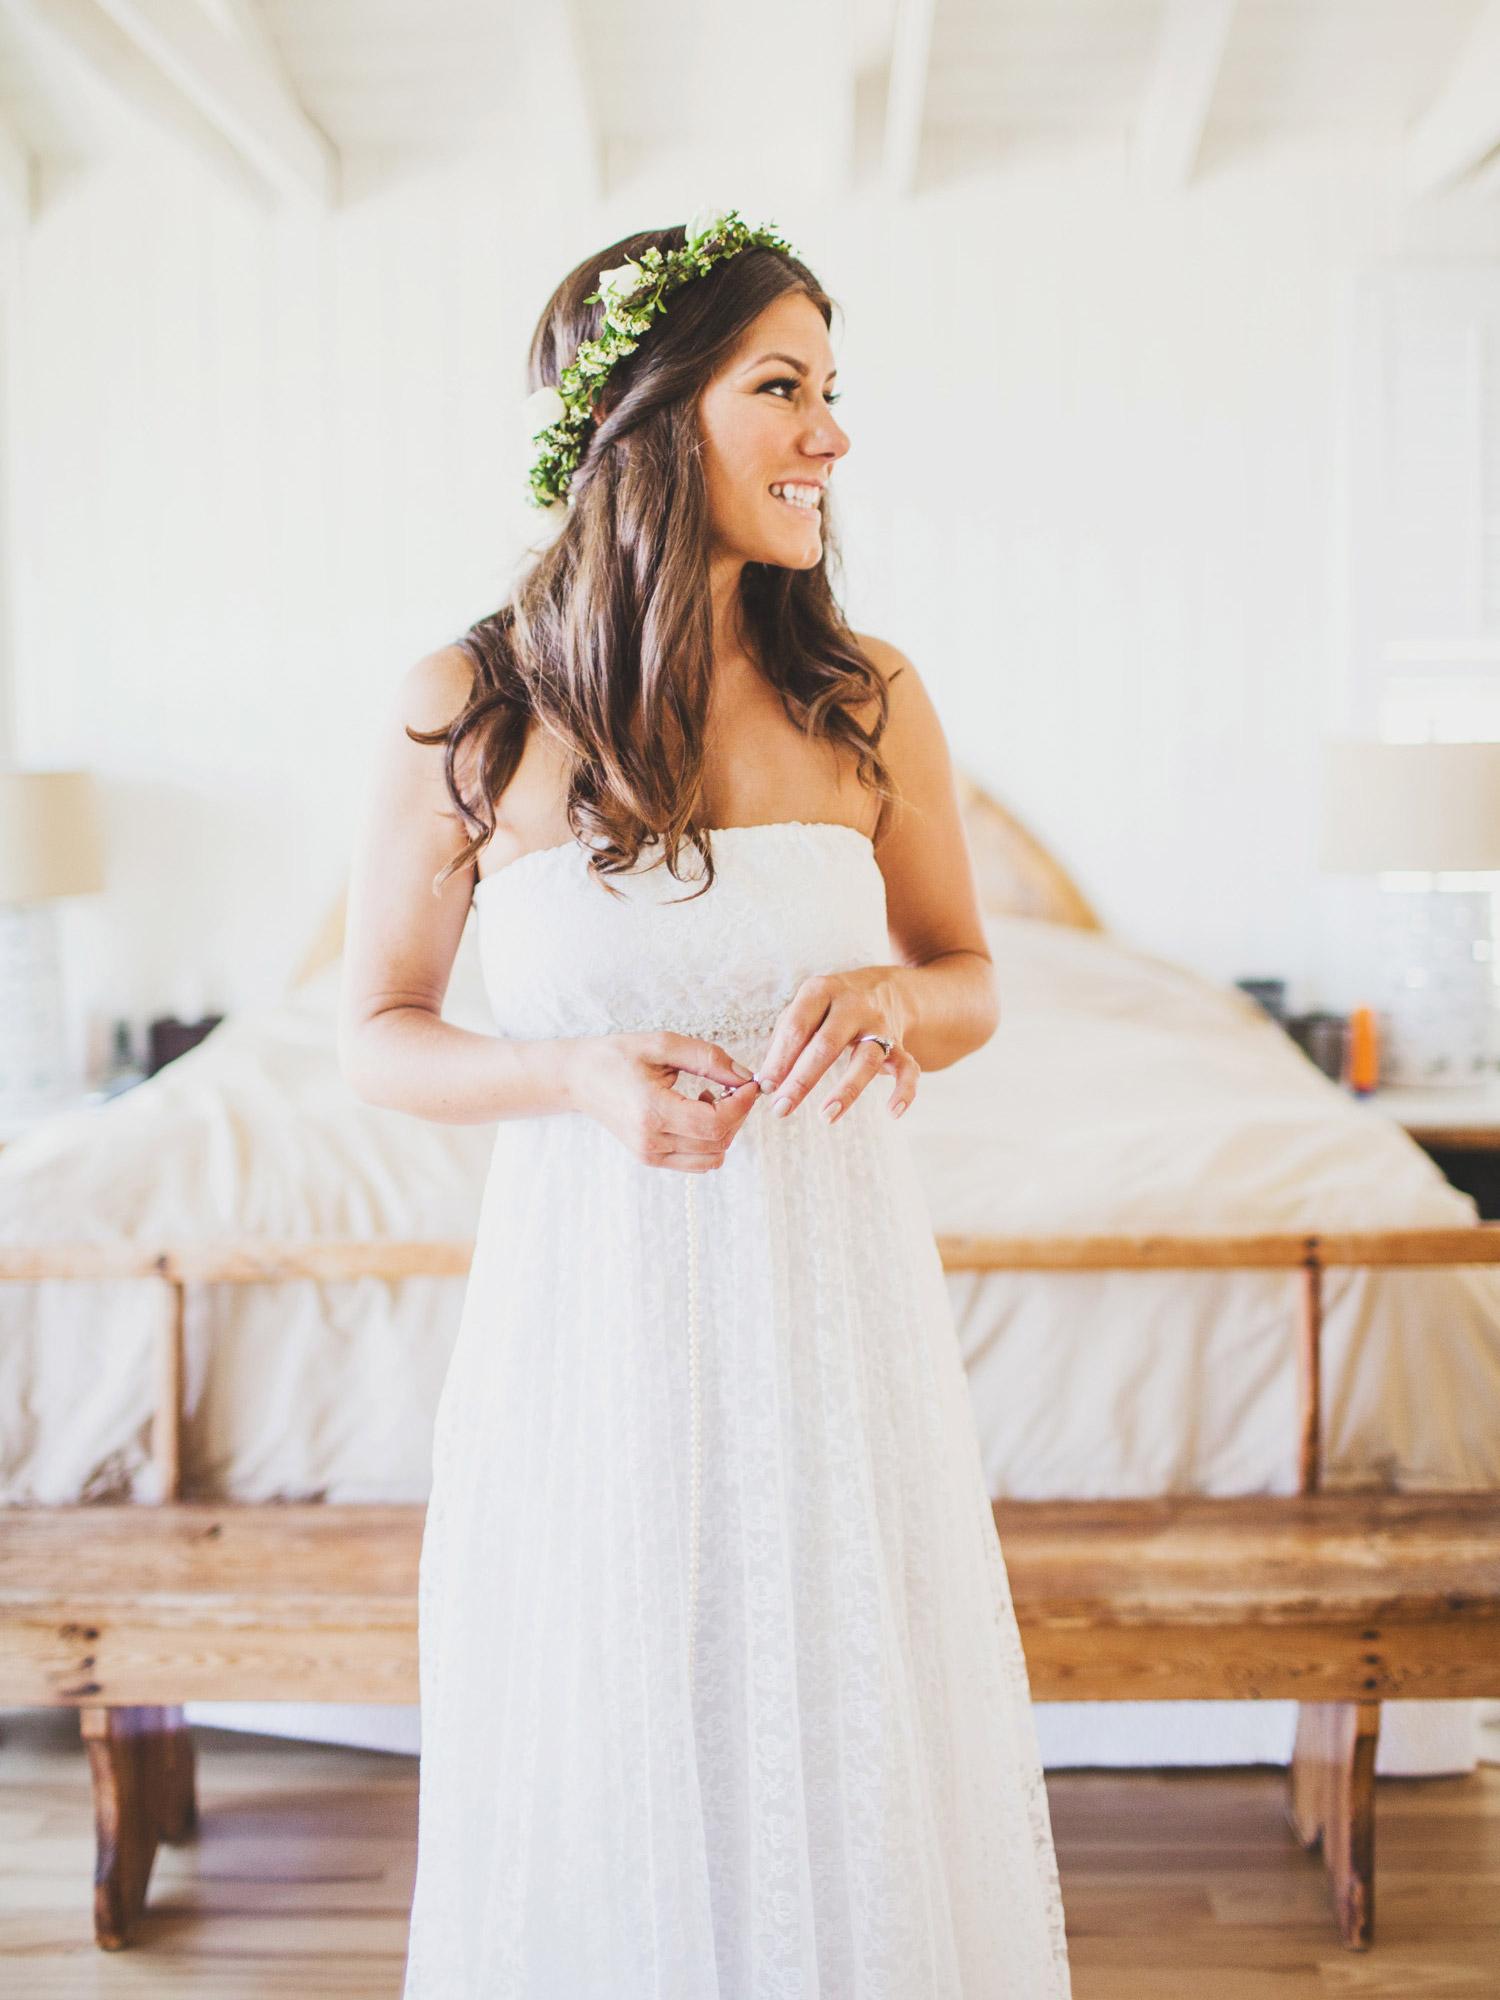 Malibu-Beach-Bride